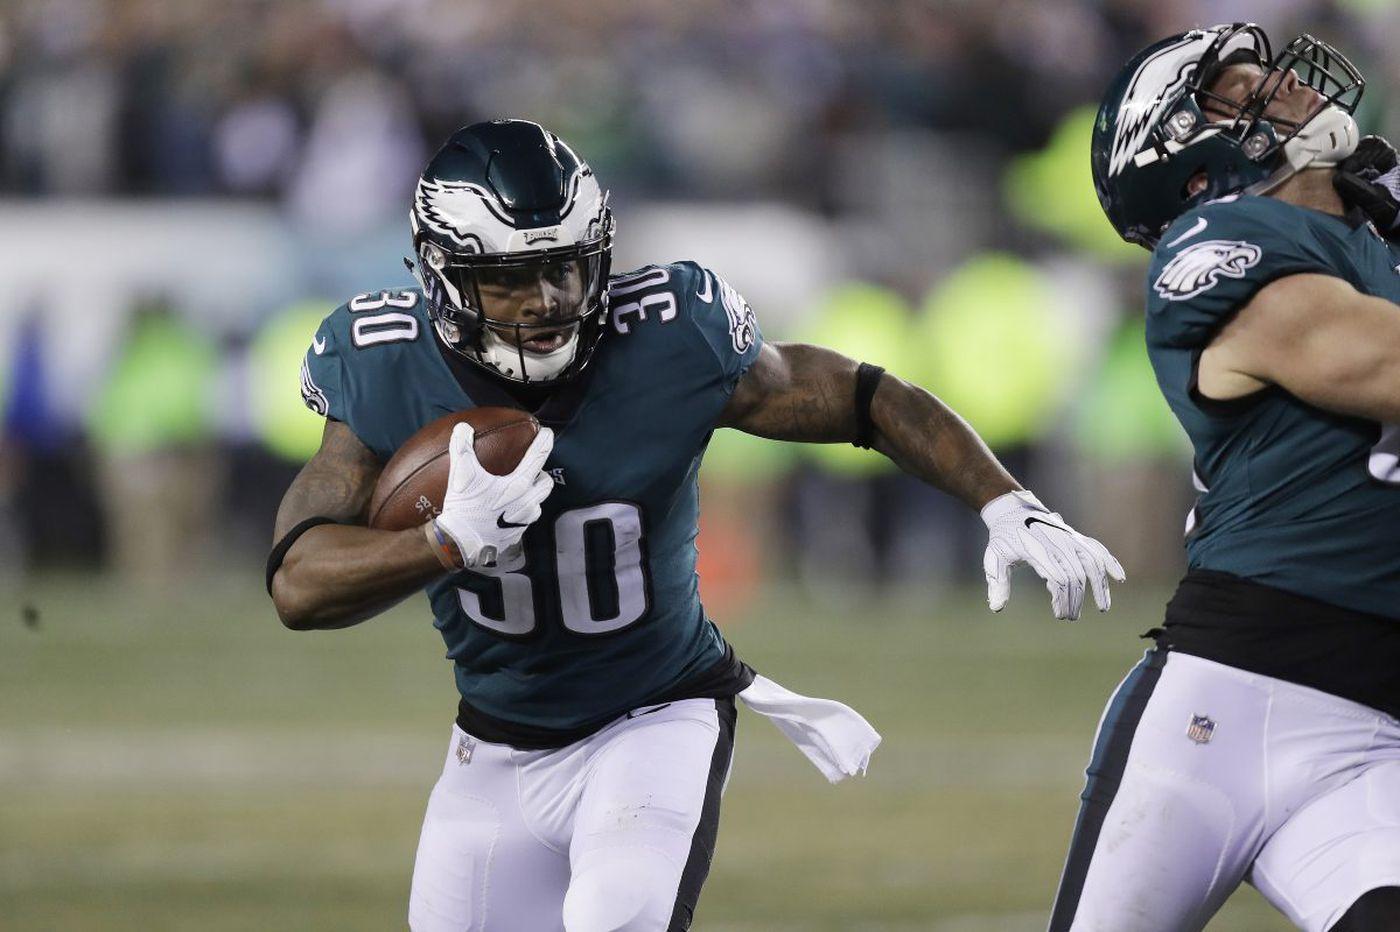 What the Eagles' Super Bowl run can teach business